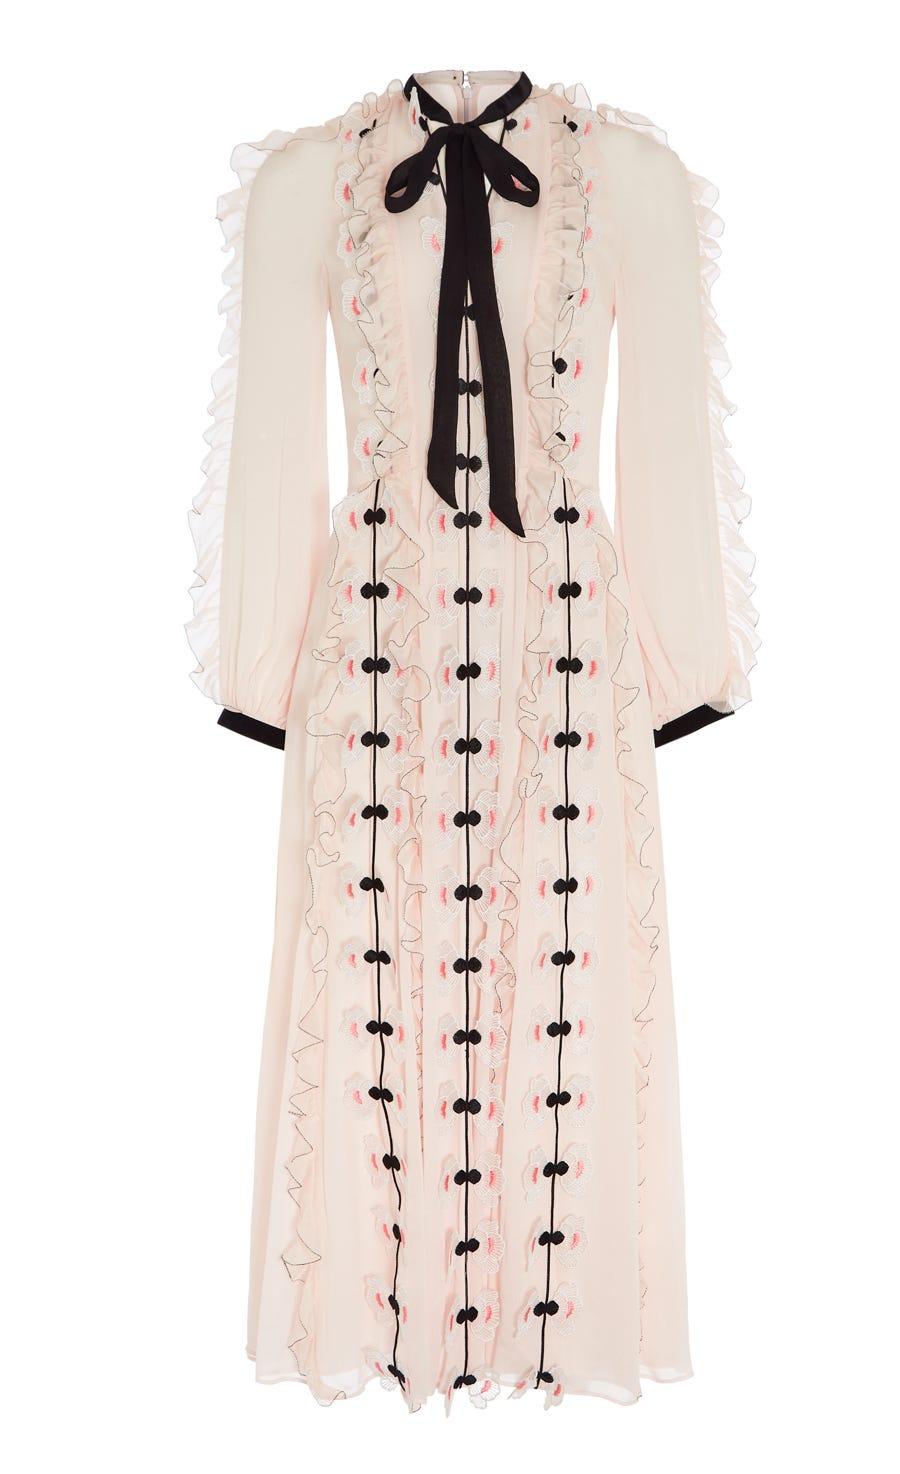 Cloudburst Sleeved Dress